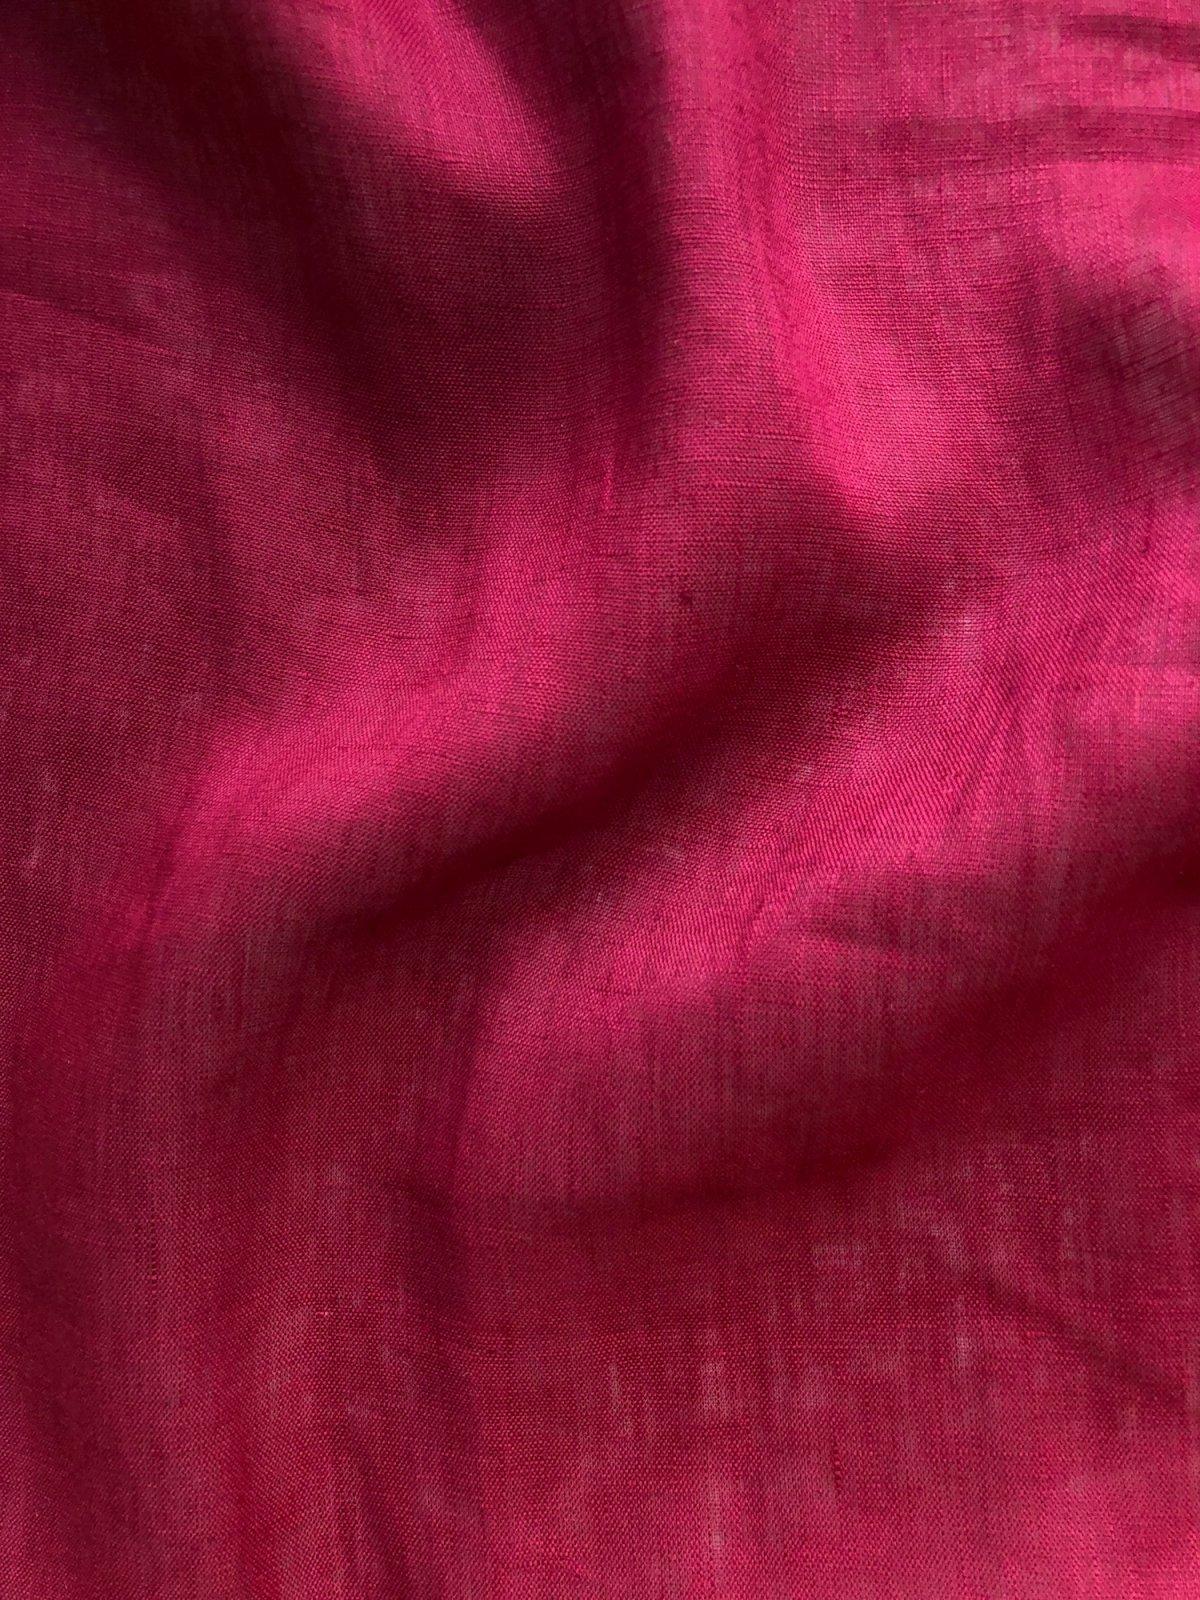 Handkerchief Linen - Jam